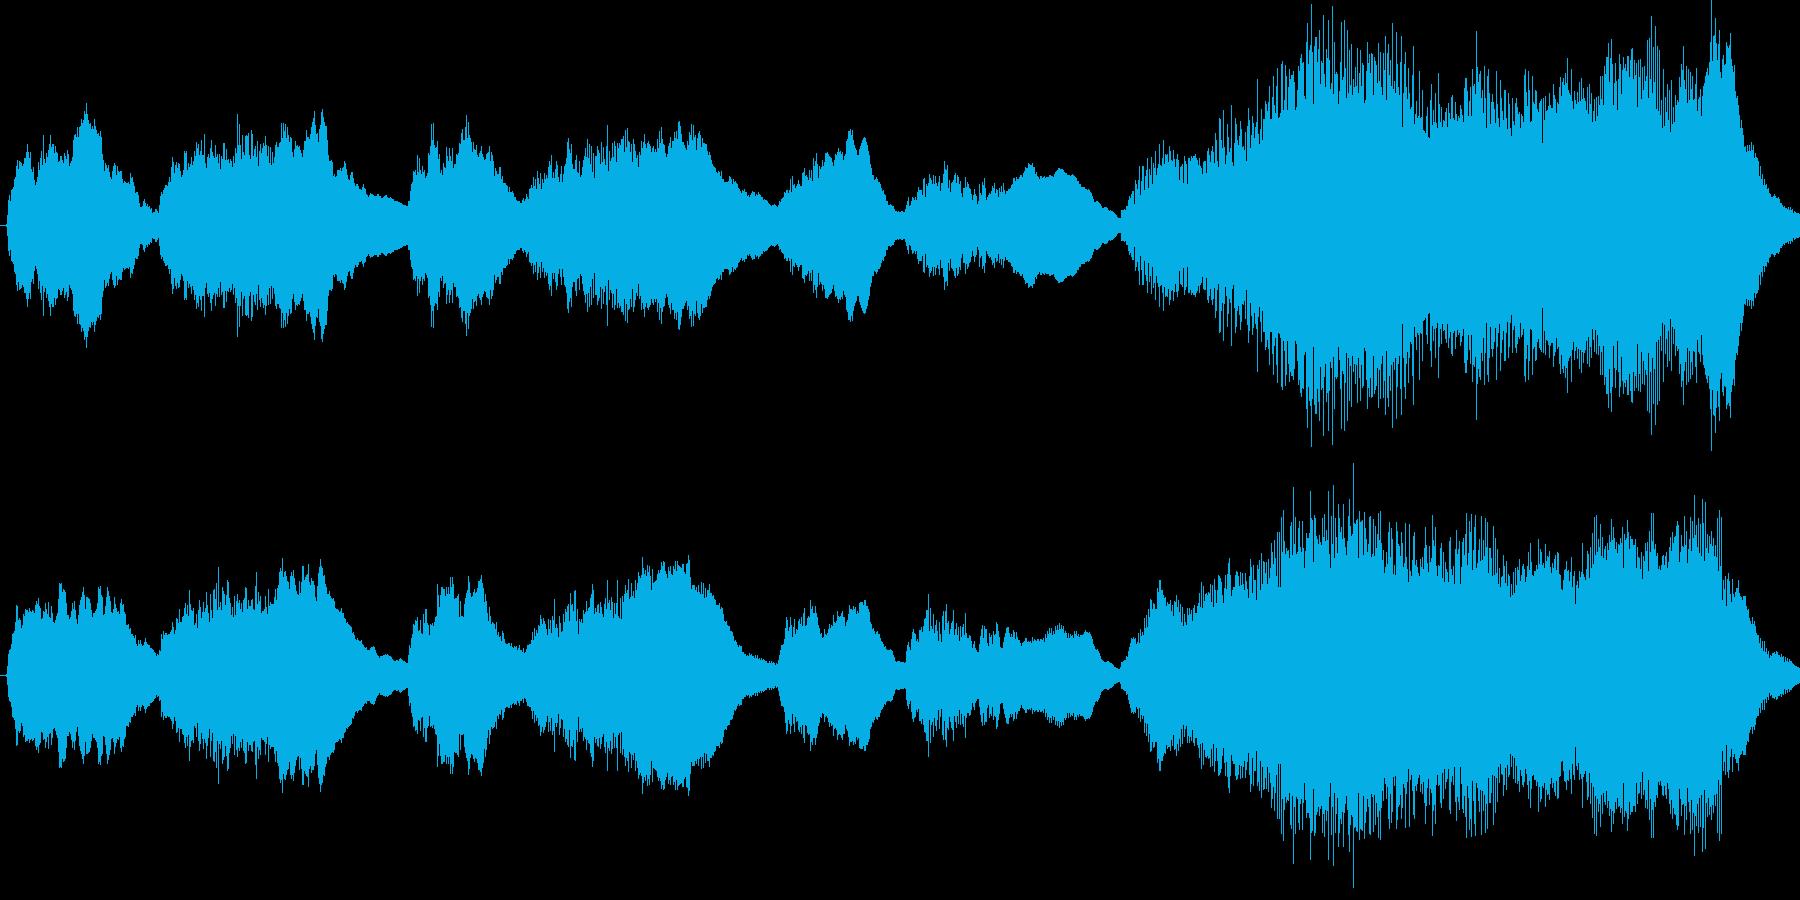 バッハの「トッカータとフーガ」の冒頭部…の再生済みの波形